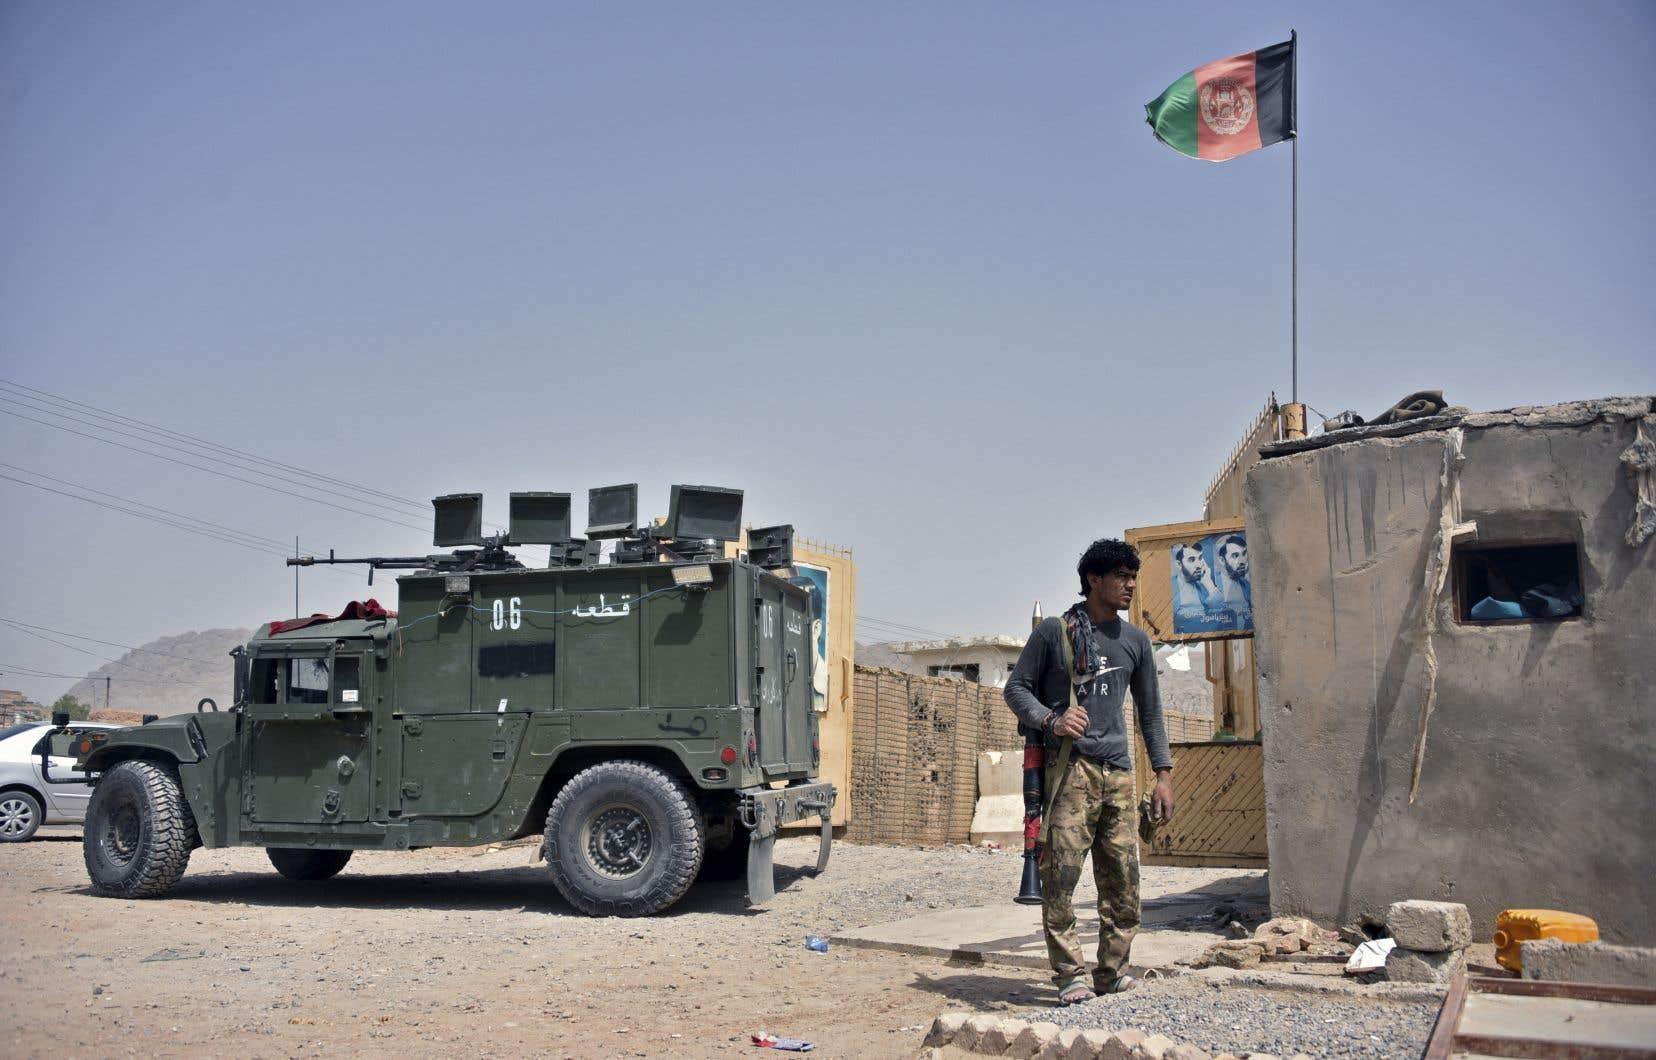 Des centaines de soldats et de miliciens qui soutiennent le gouvernement ont été appelés en renfort dans les provinces du Takhar et du  Badakhshan, où les talibans se sont emparés en peu de temps de larges pans de territoires, parfois sans même combattre.